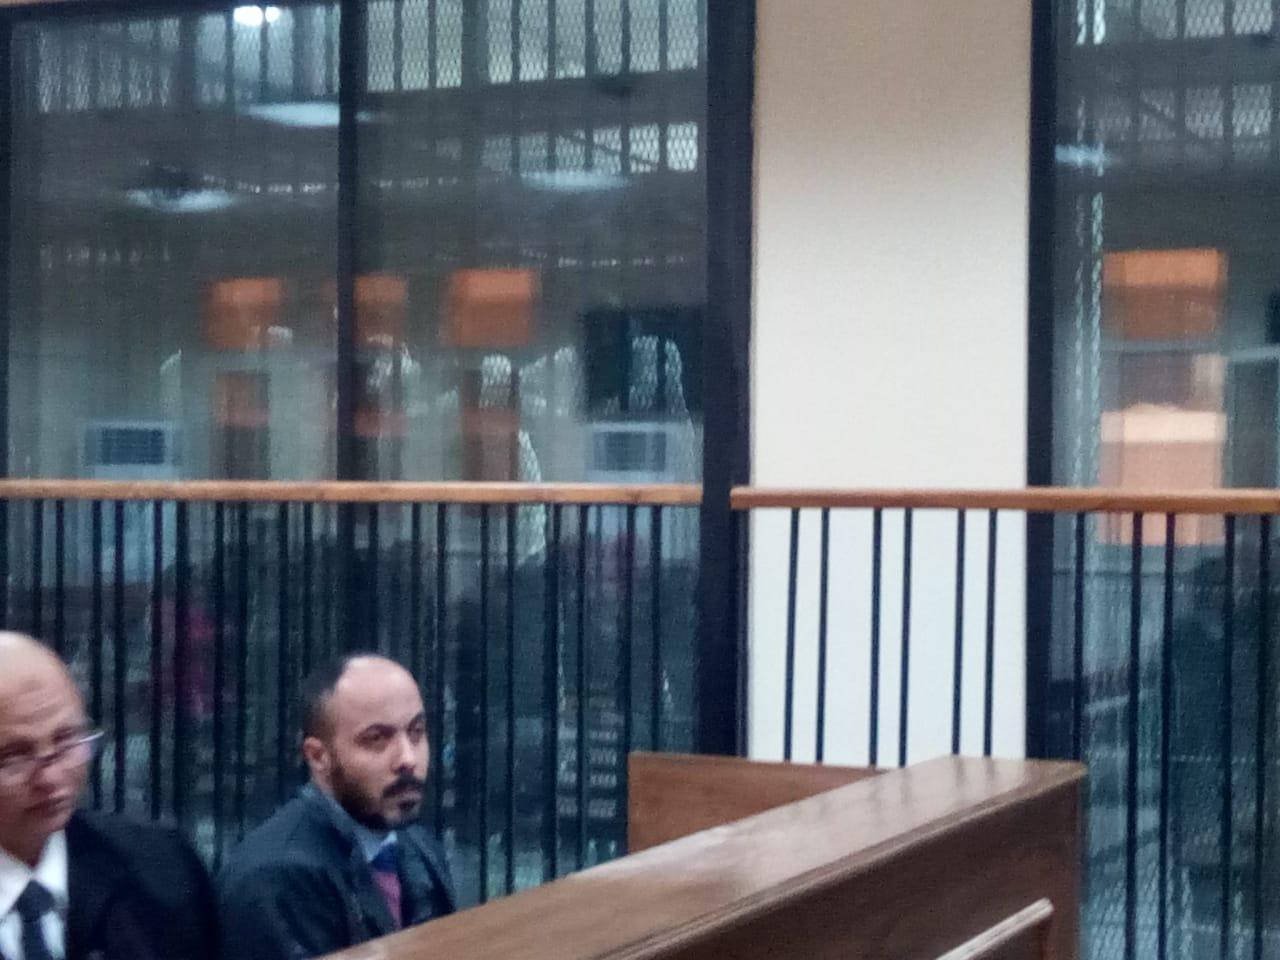 هيئة المحكمة برئاسة المستشار محمد سعيد الشربينى تفض احراز العائدون من ليبيا (7)